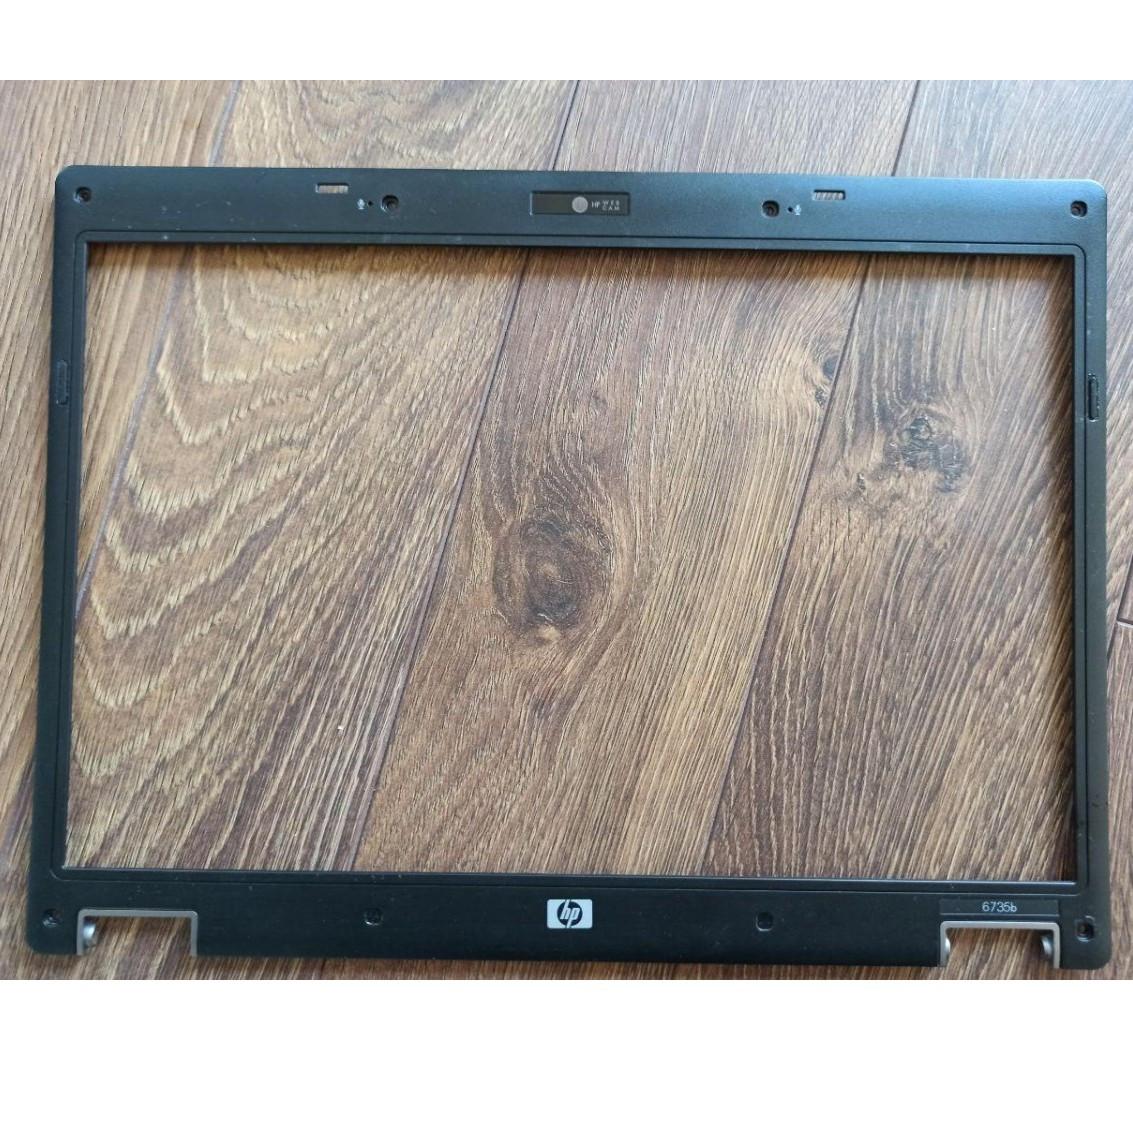 """Рамка матриці для ноутбука HP Compaq 6735b, 15.4"""", 6070b0233001, 48736-001, б/в. В хорошому стані, без"""